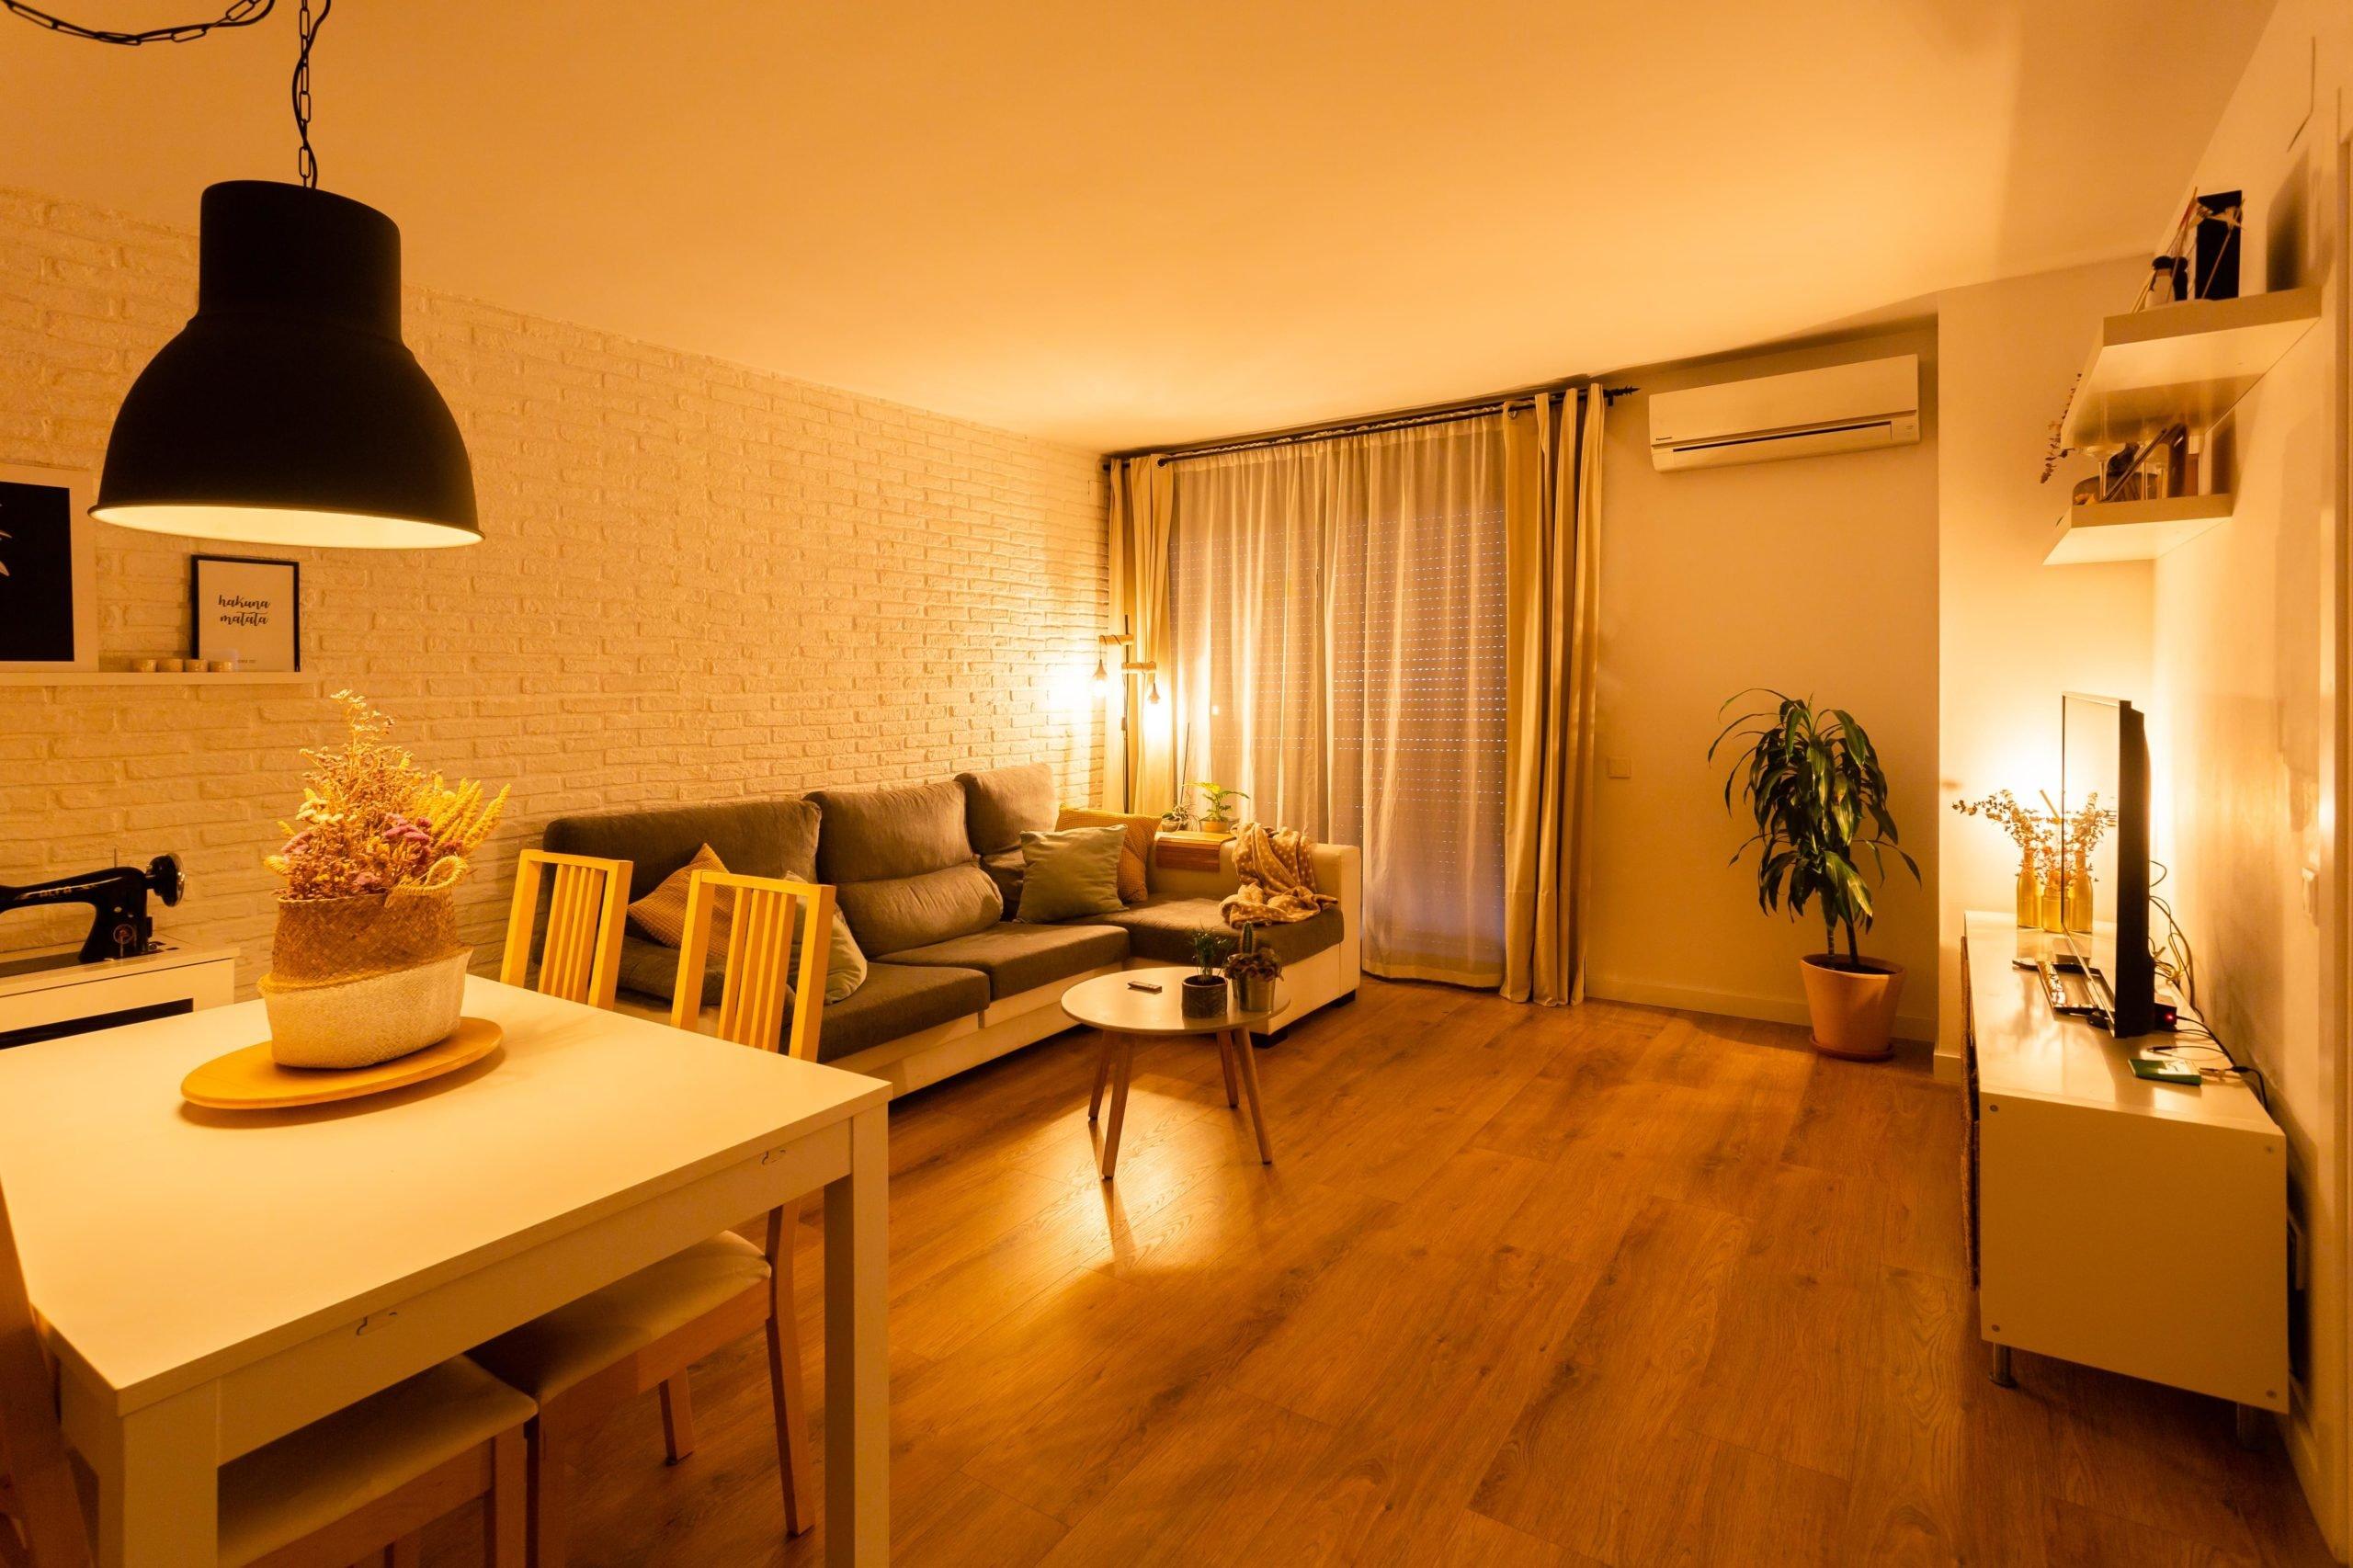 Salon w inteligentnym mieszkaniu